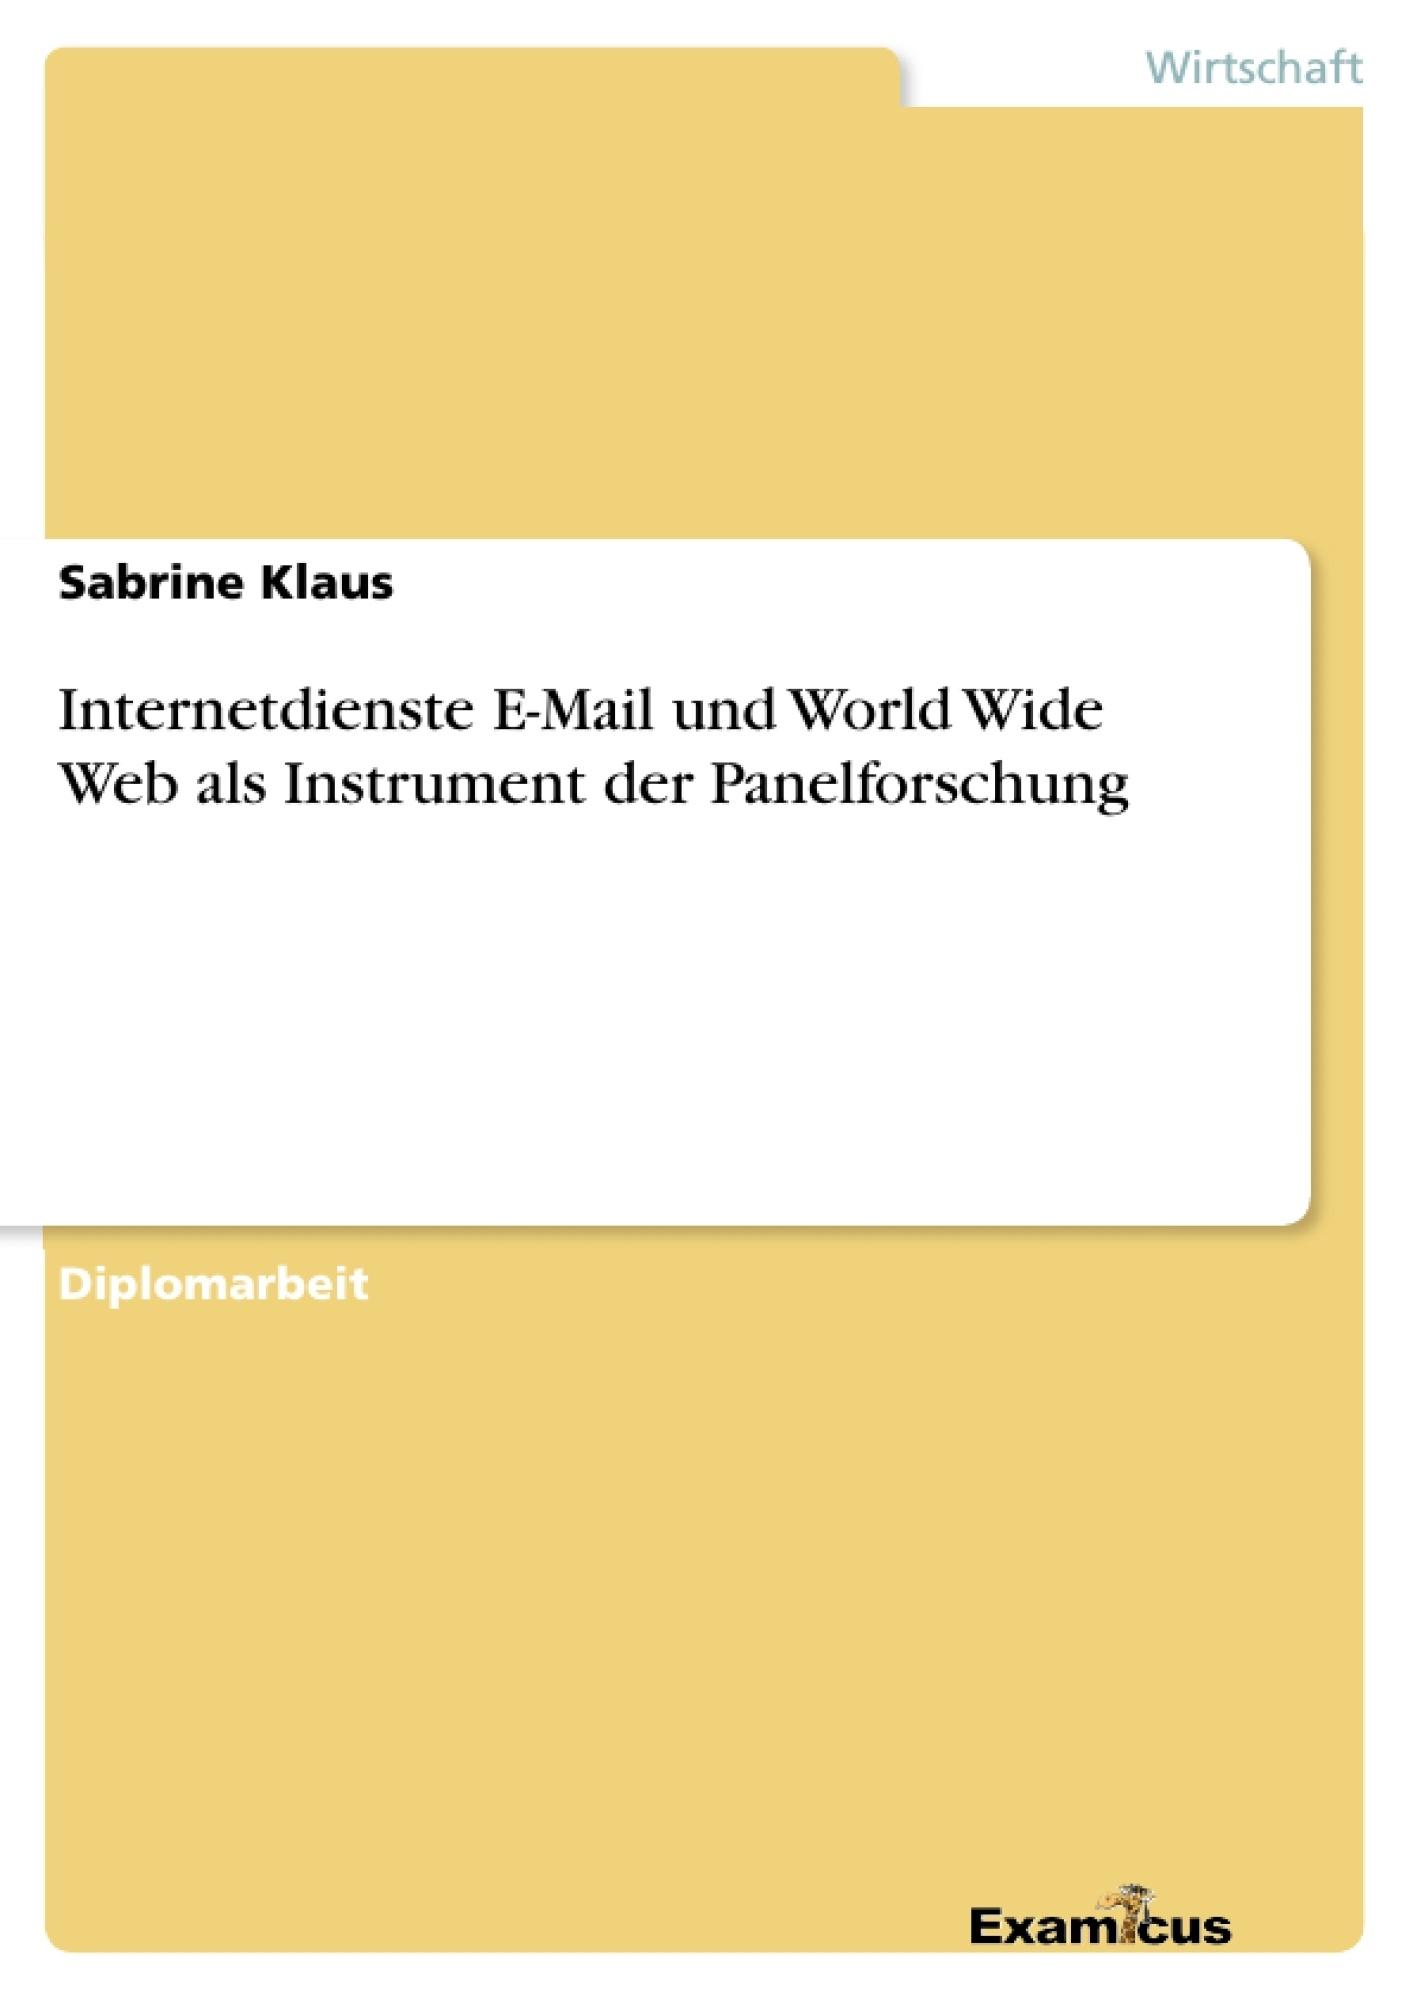 Titel: Internetdienste E-Mail und World Wide Web als Instrument der Panelforschung